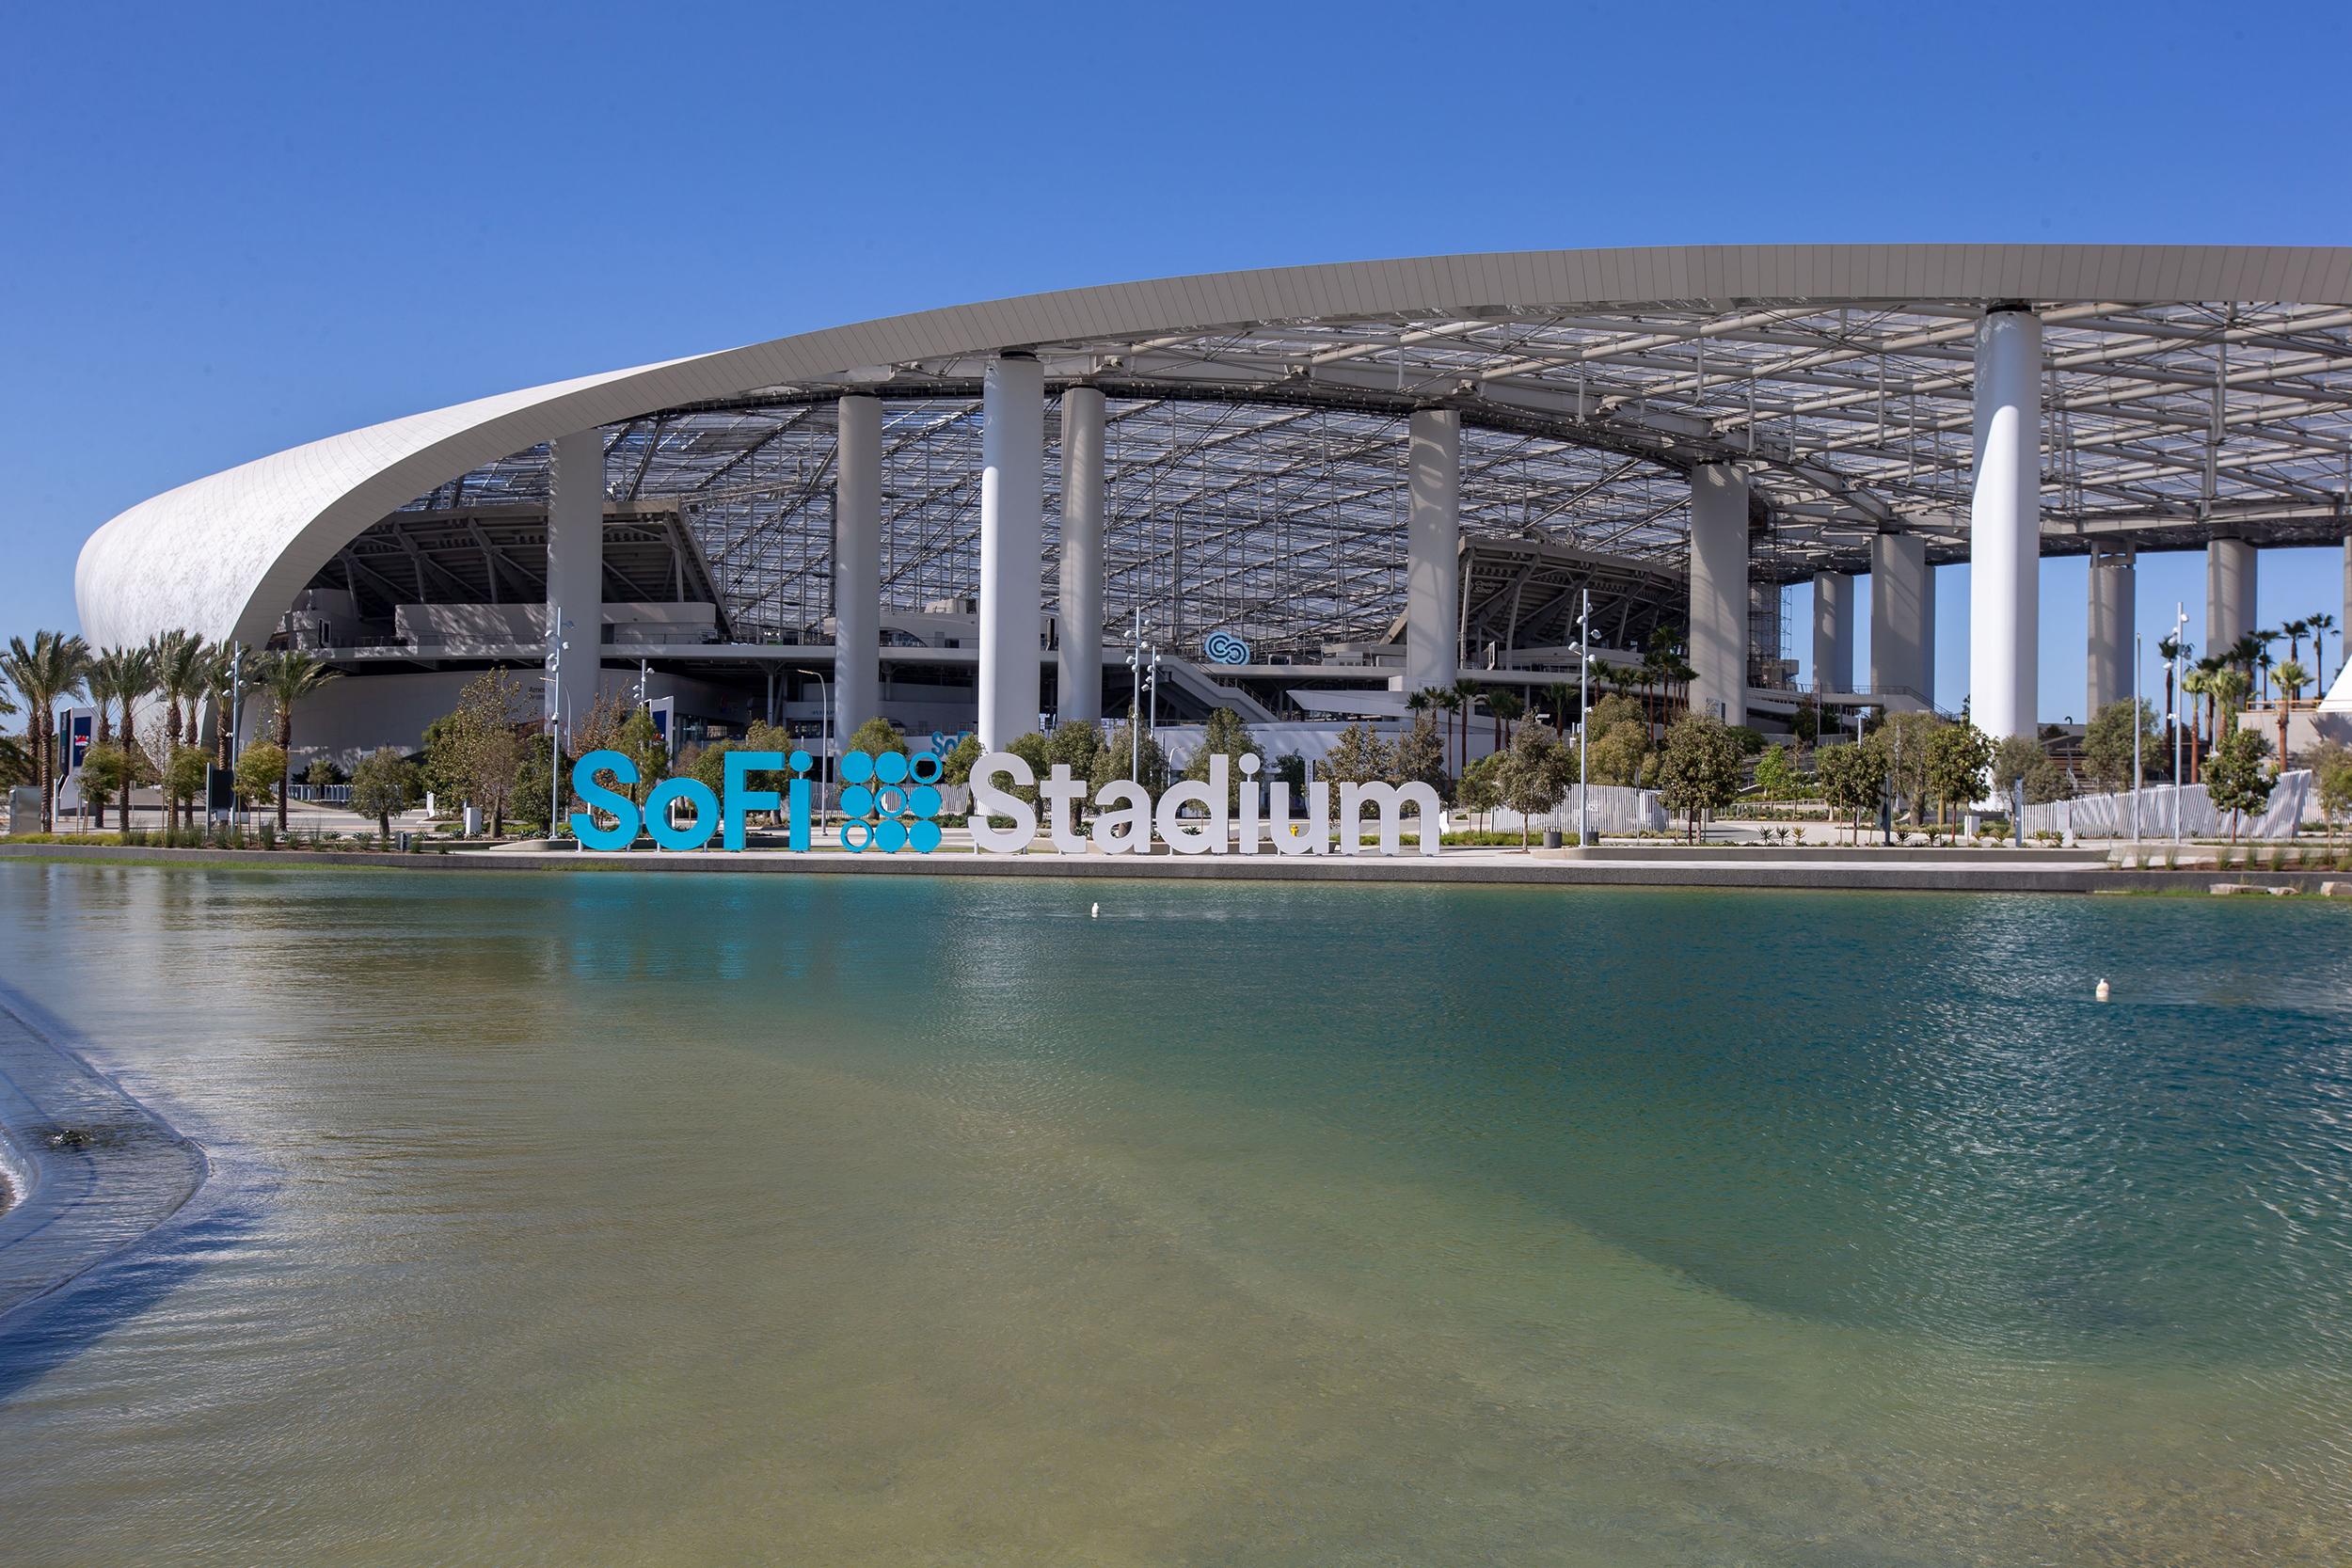 SoFi Stadium in Inglewood, California.